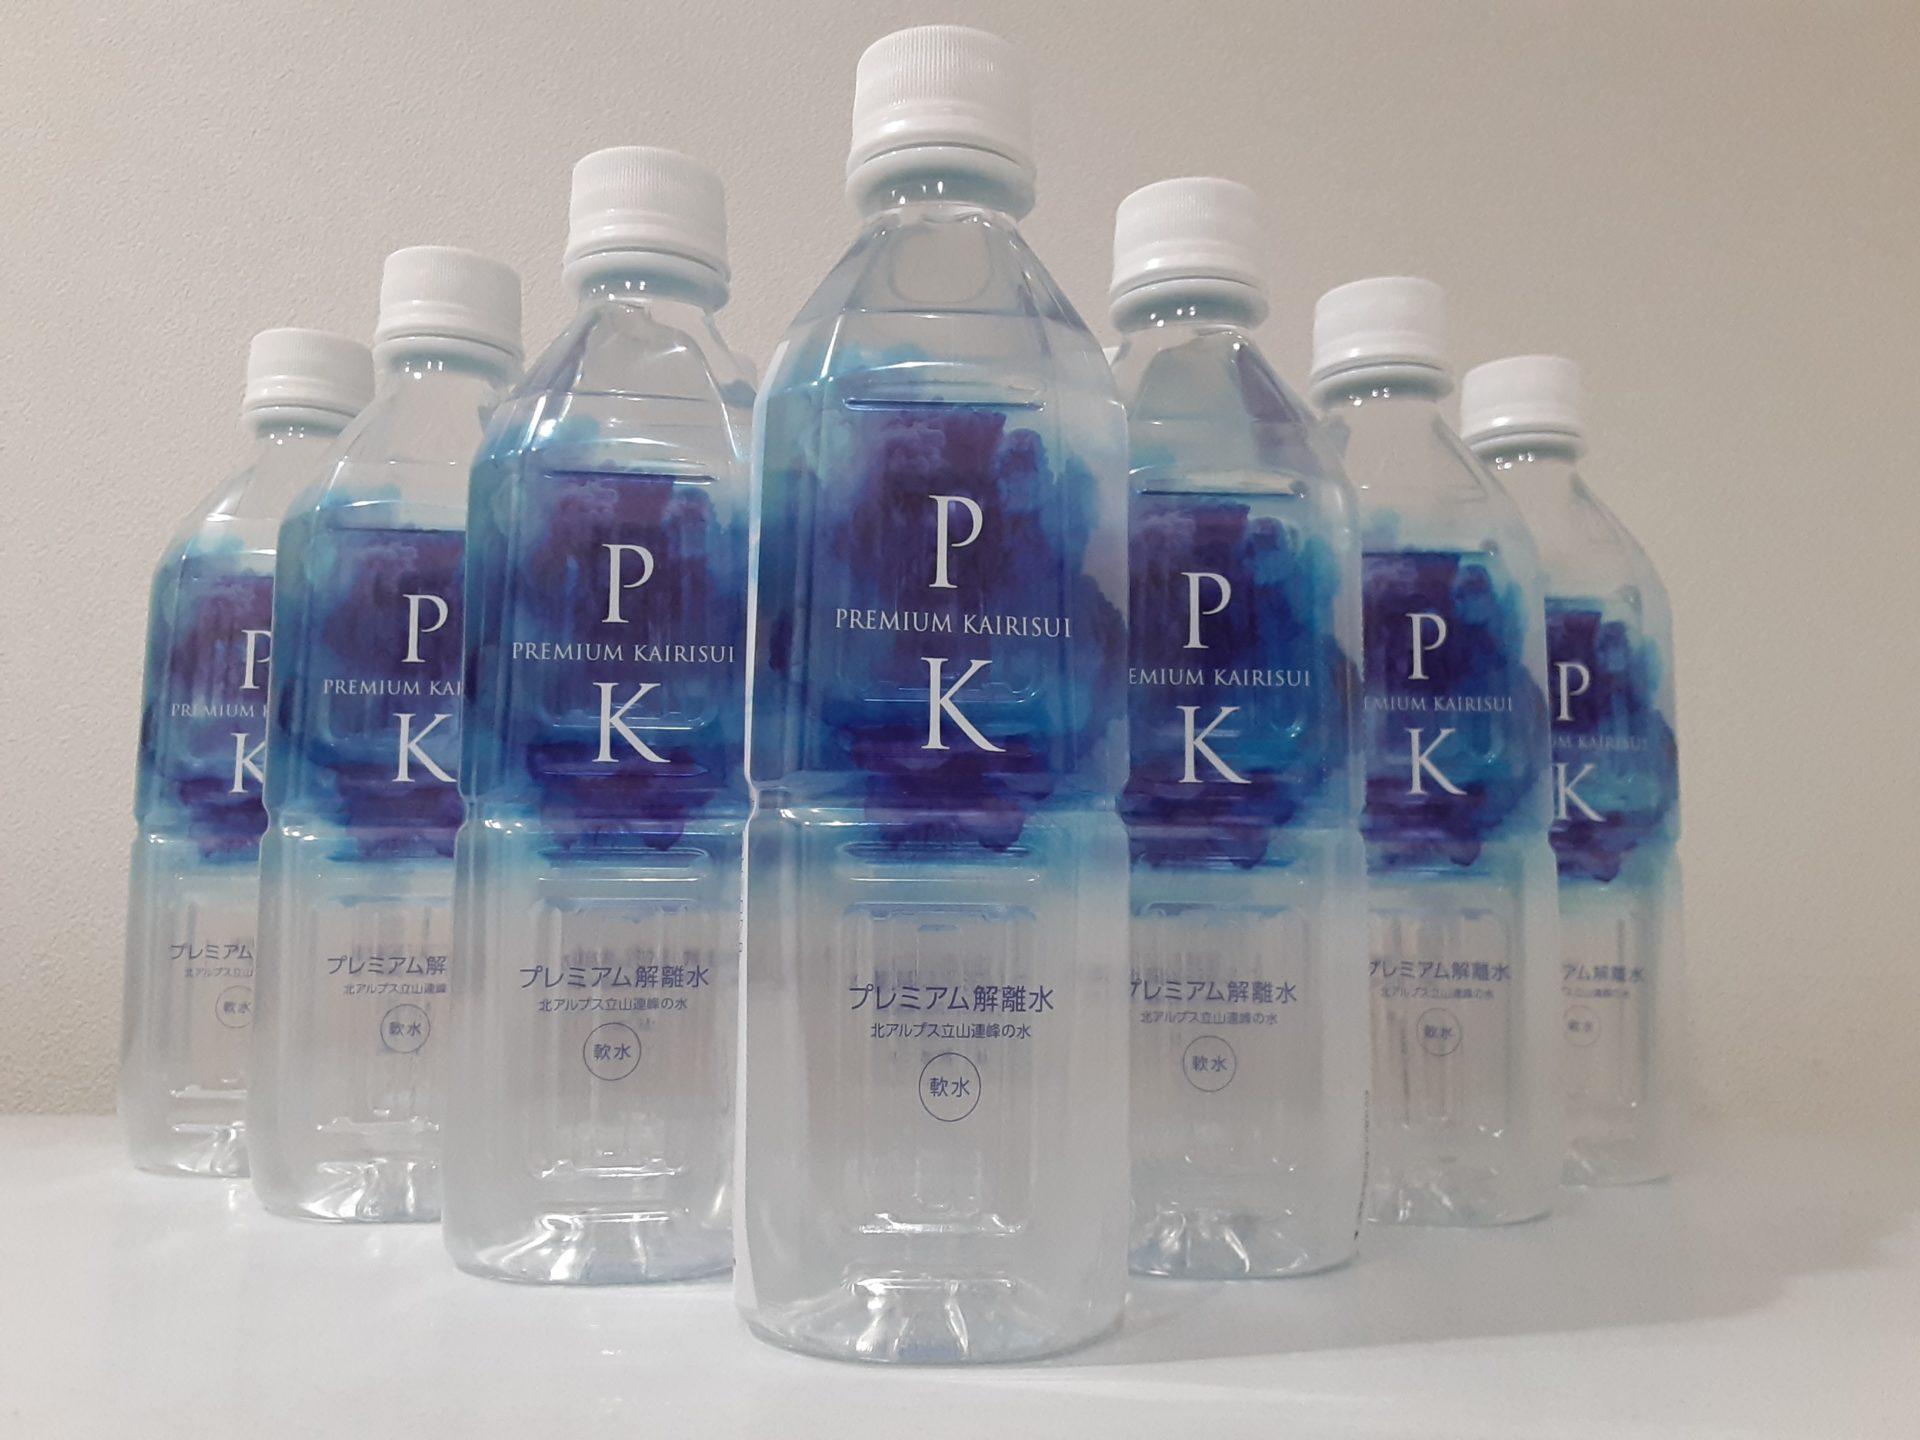 【プレミアム解離水】入荷!スポーツ選手の水分補給、現場等の熱中症対策に最適な水が手軽に飲めるようになりました!